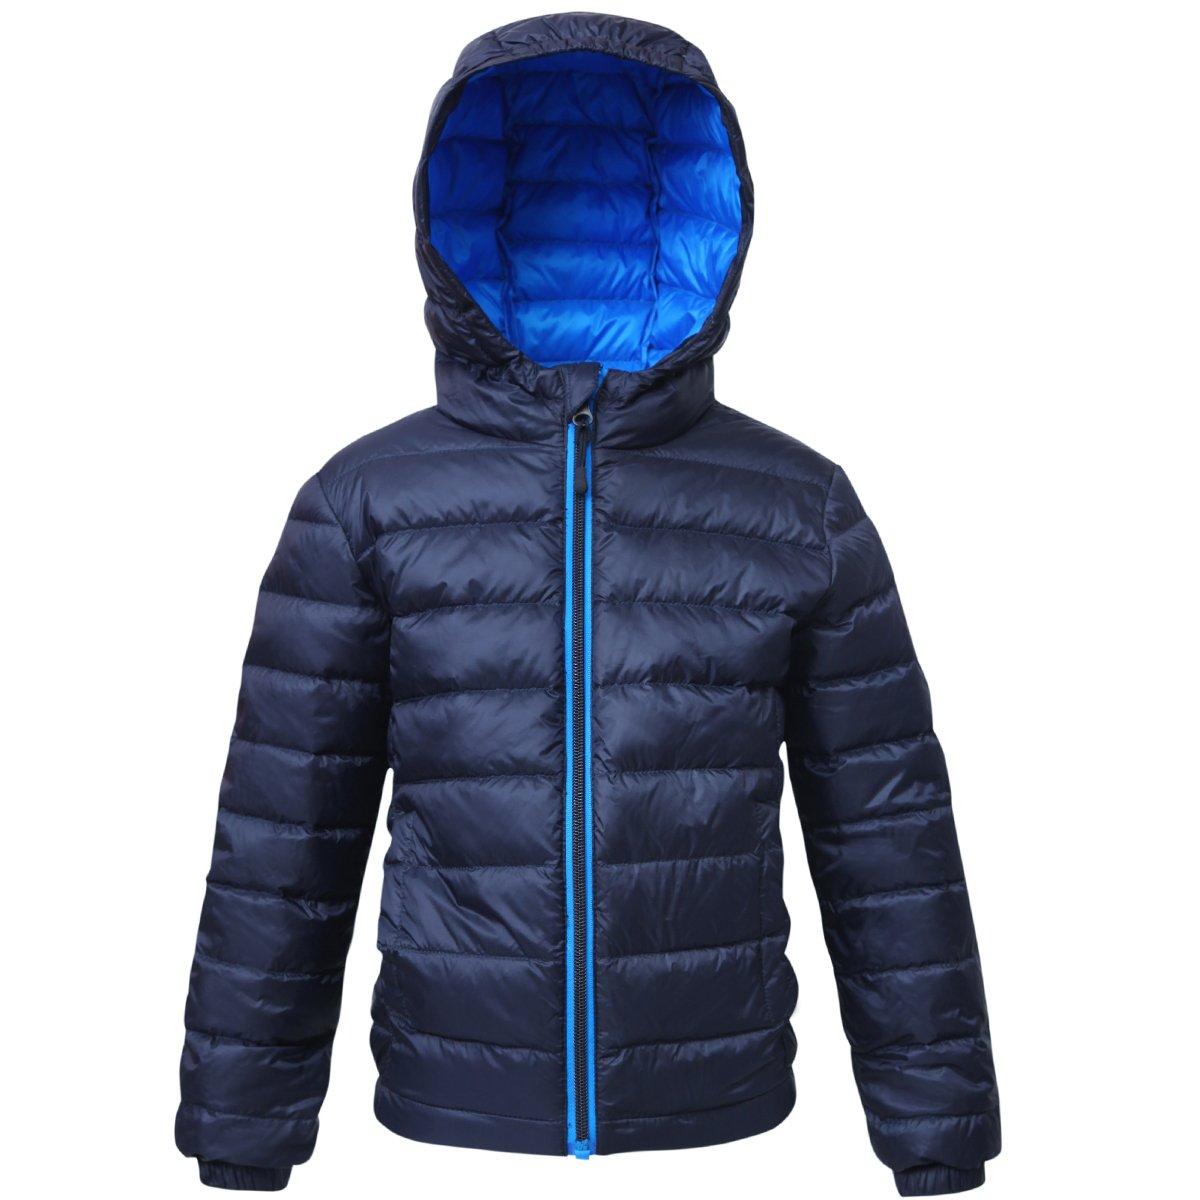 Rokka Rolla Boys' Ultra Lightweight Hooded Packable Puffer Down Jacket